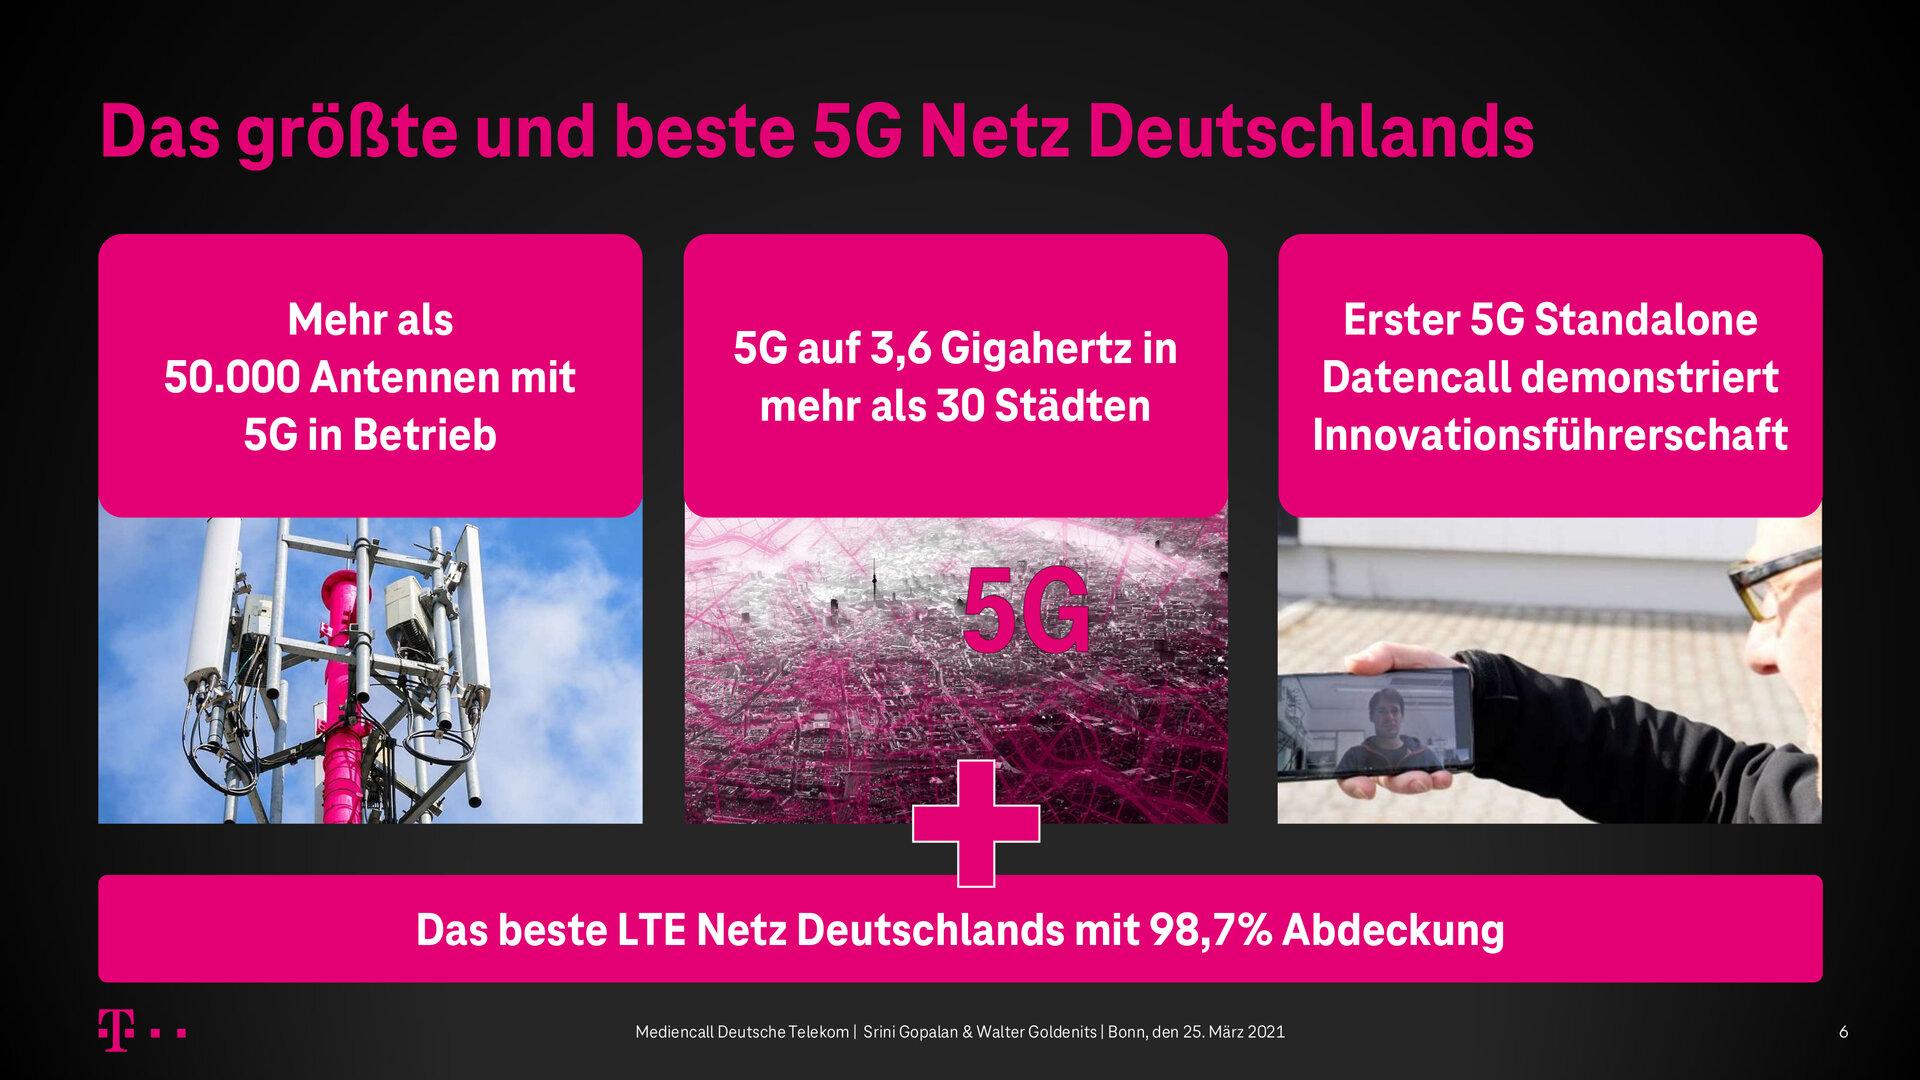 Aktueller Stand (März 2021) beim 5G-Ausbau